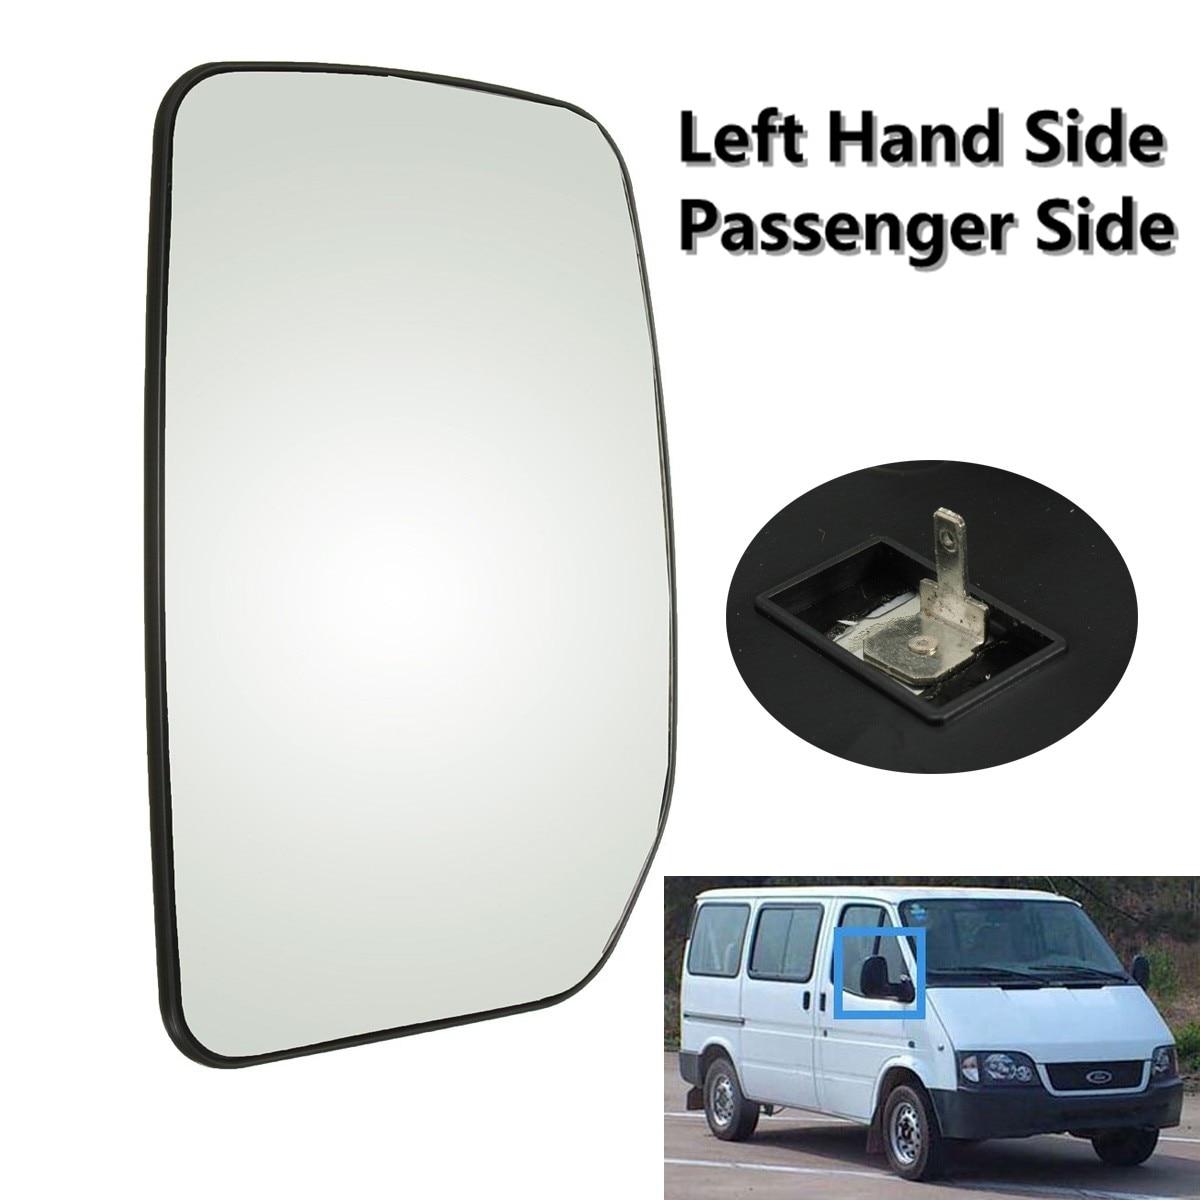 Passager gauche Chauffée Côté Aile Porte Miroir Verre Pour Ford Transit 2000-2013 Voiture